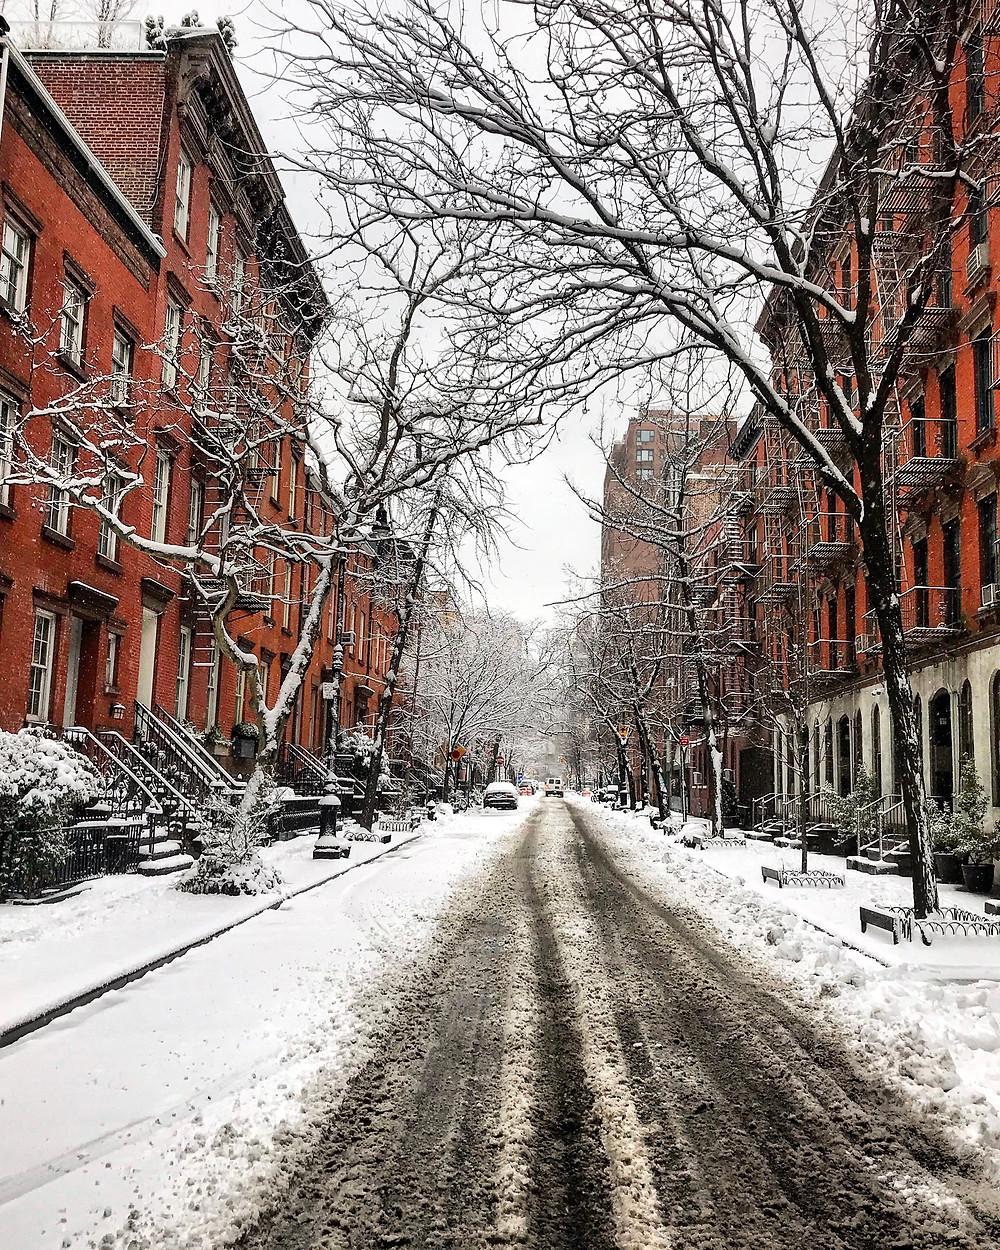 Horatio Street - West Village